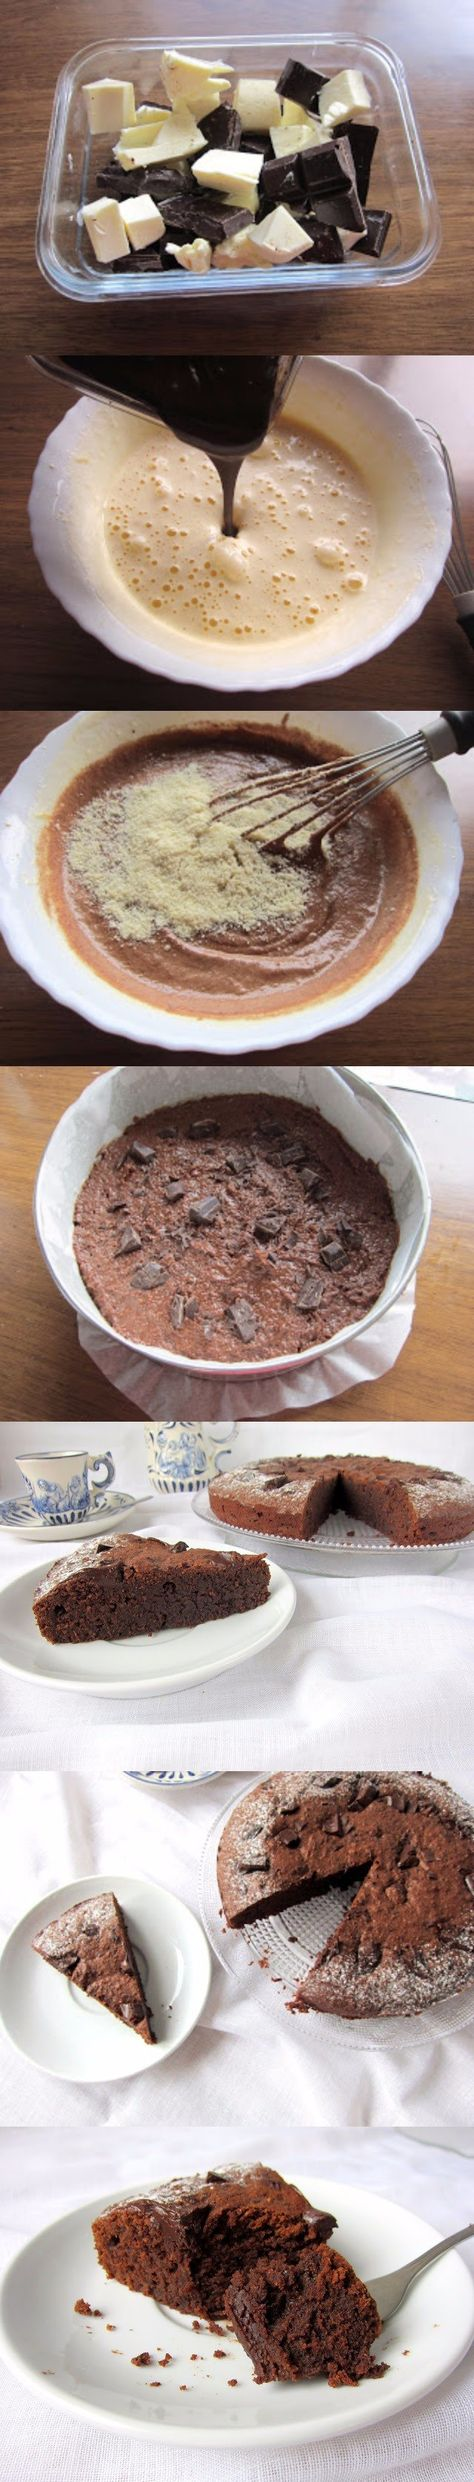 Tarta de chocolate y almendra / http://unapinceladaenlacocina.blogspot.com.es